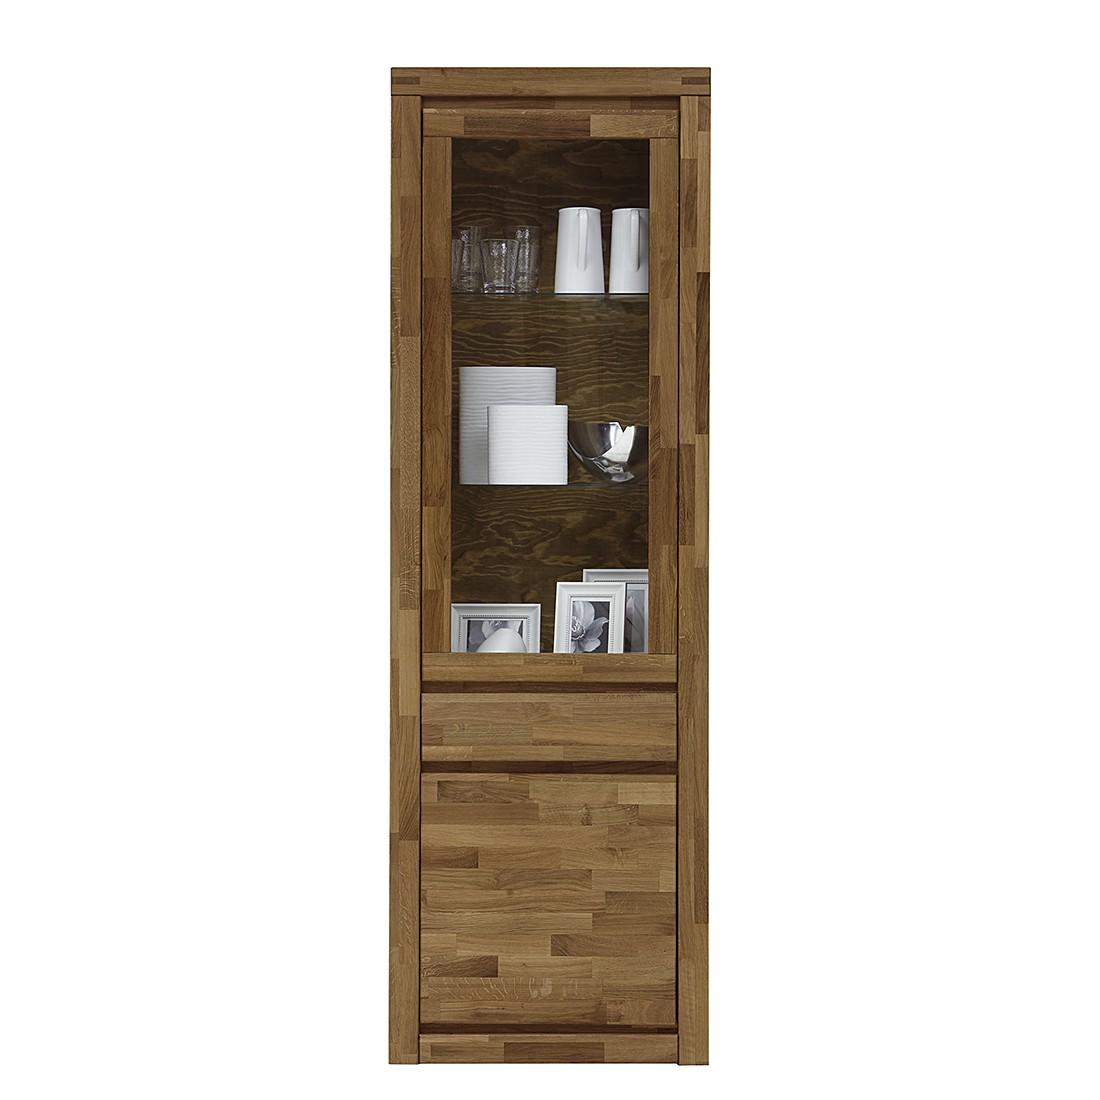 regal merle wildeiche massiv ars natura m bel preiswert online kaufen vergleichen. Black Bedroom Furniture Sets. Home Design Ideas